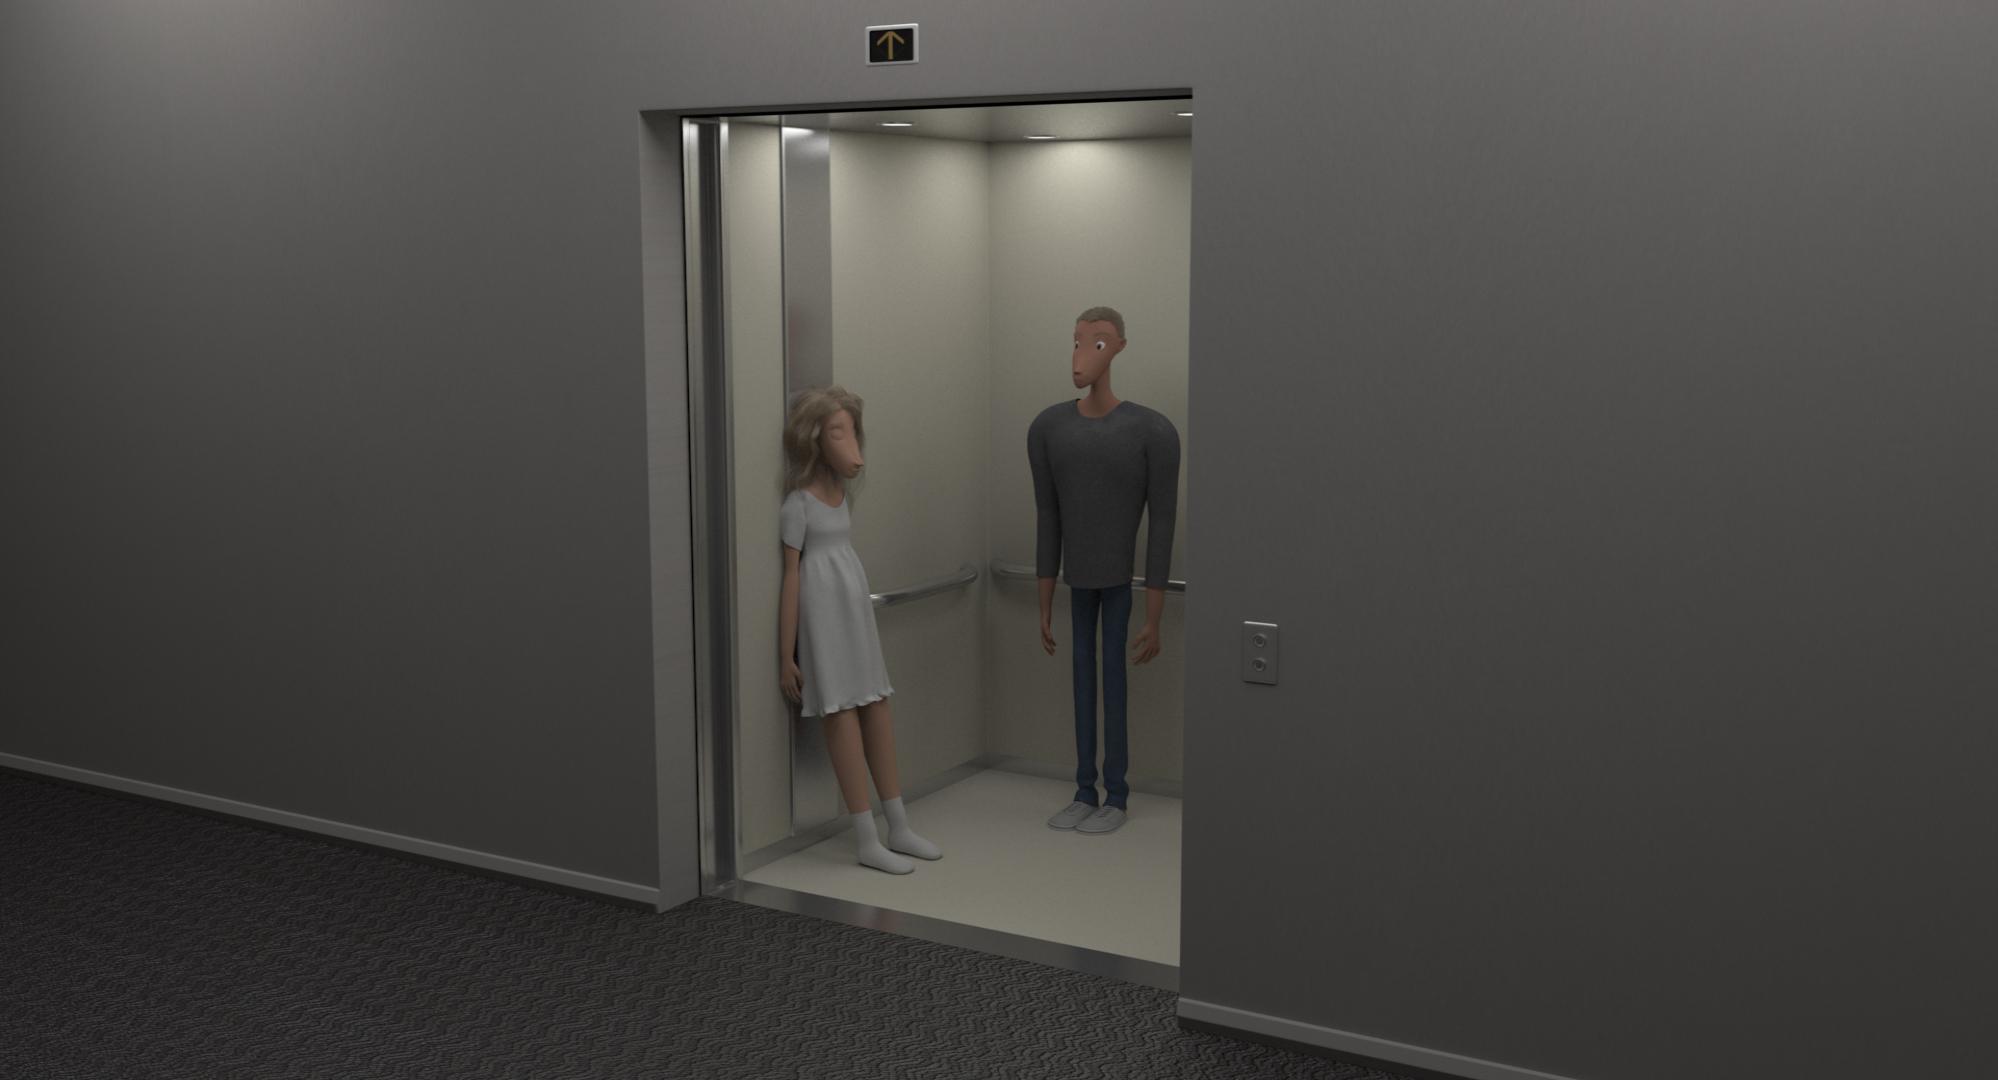 TheSomnambulist_Elevator.jpg